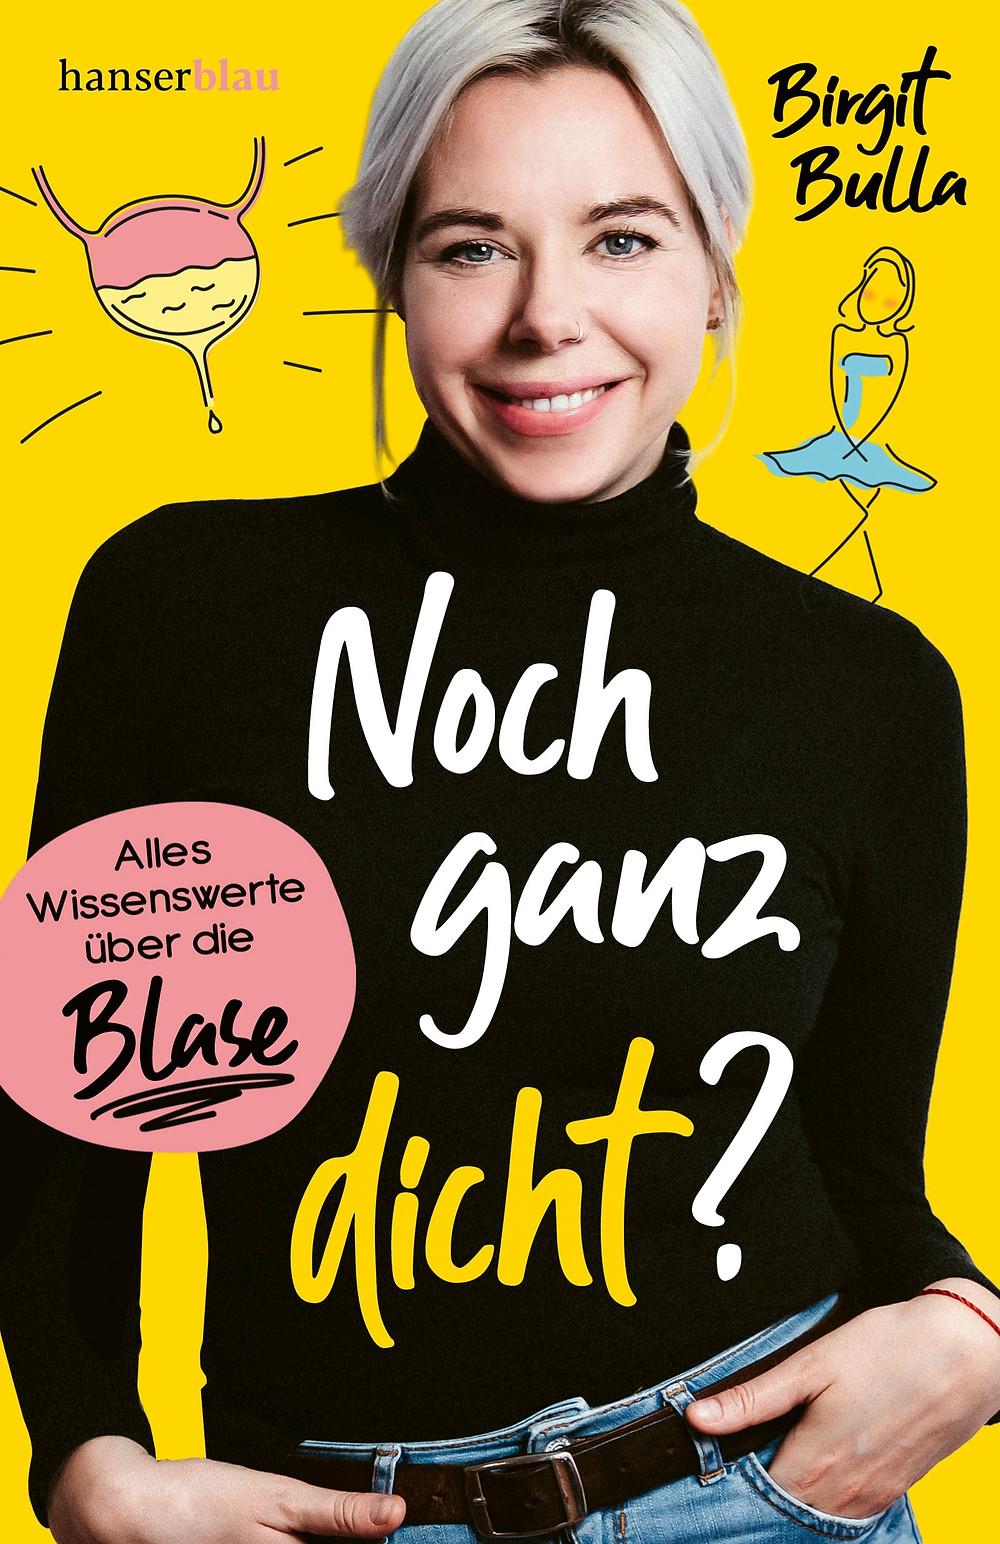 """""""Noch ganz dicht?"""" von Birgit Bulla, hanserblau Verlag, 208 S. // Photo: Katja Brömer"""